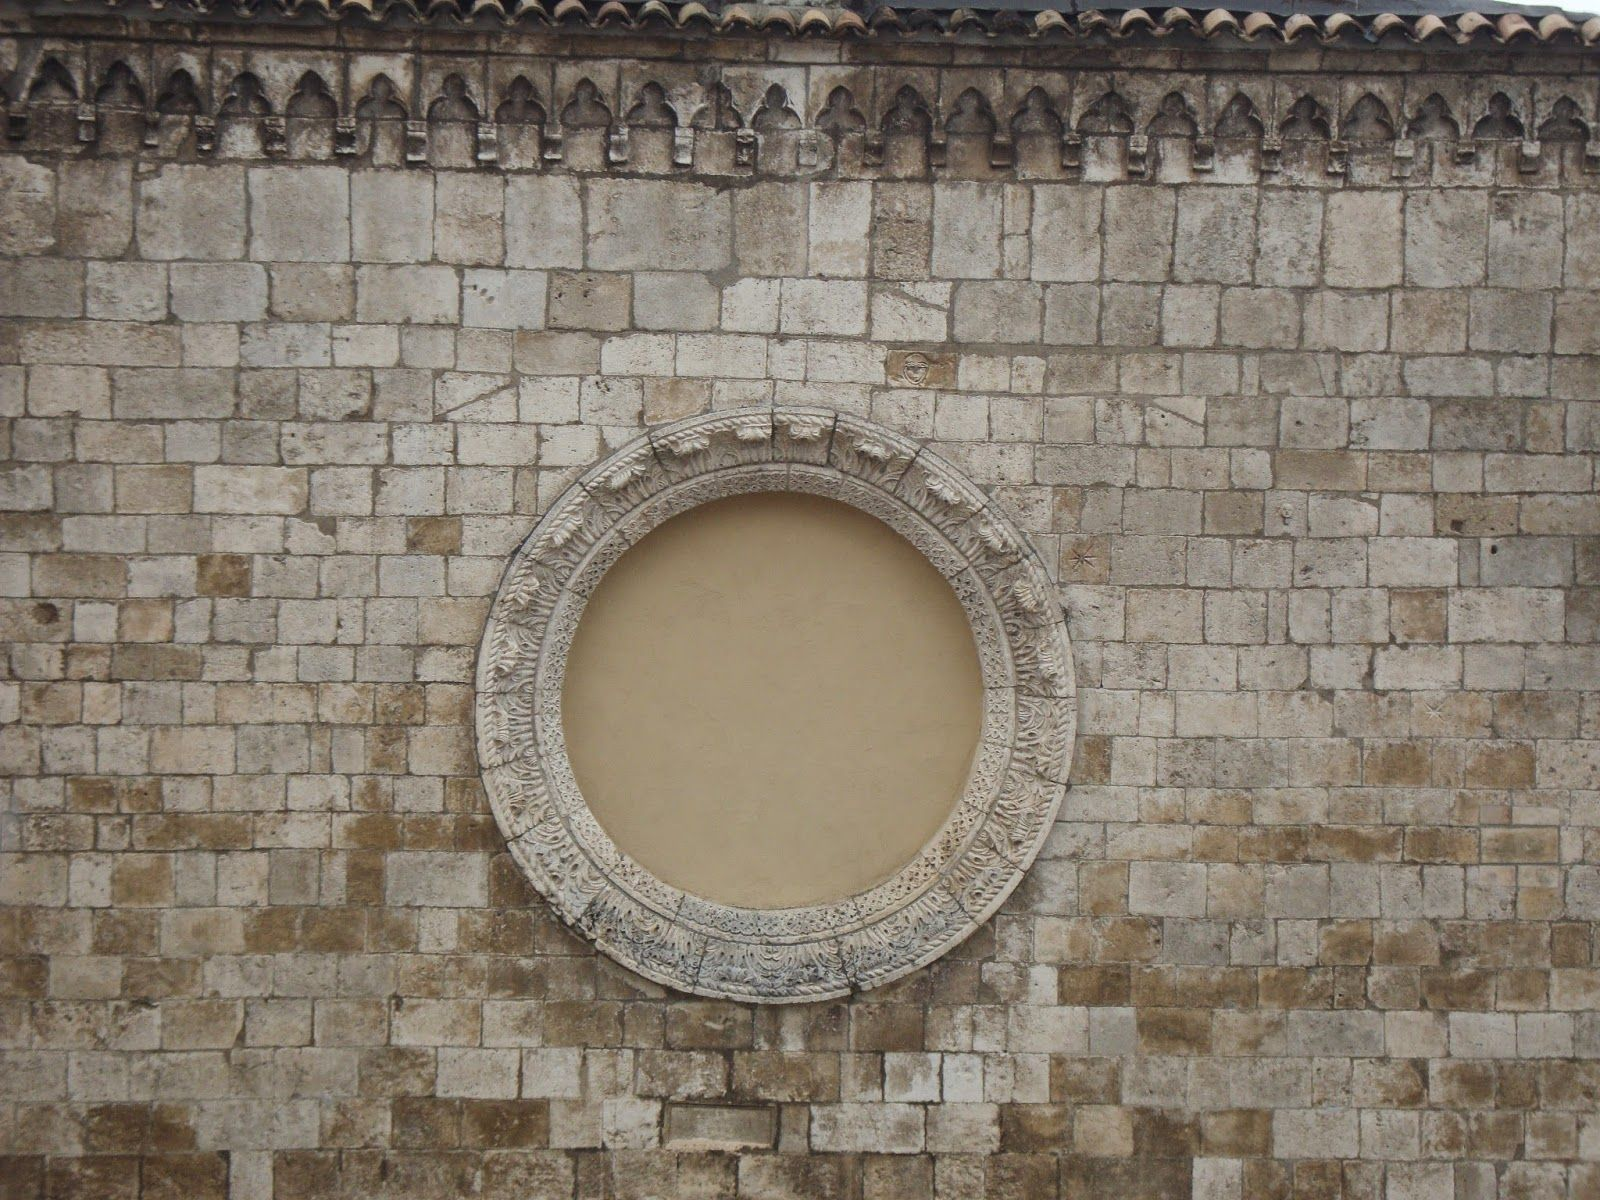 Chiesa di Sant'Angelo a Celano (L'Aquila) Particolare della facciata  http://lefotodiluisella.blogspot.it/2015/02/celano-laquila.html